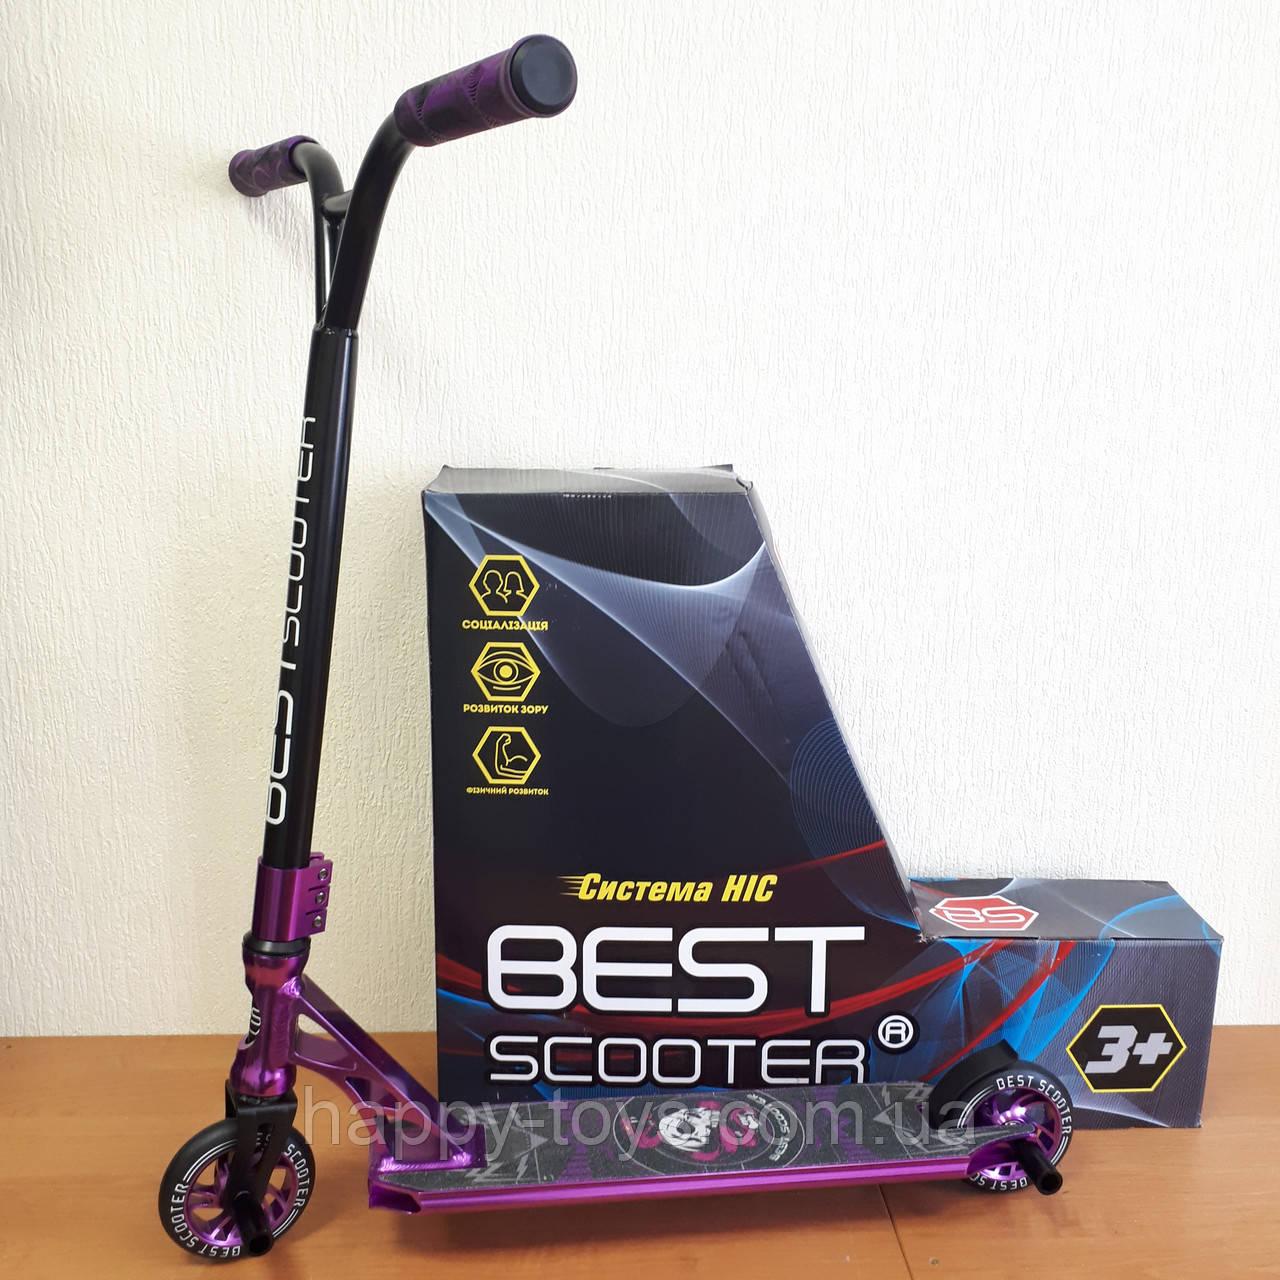 Самокат трюковый с Пегами Фиолетовый Best Scooter 76203, HIC-система, алюминиевый диск, Анодированная покраска